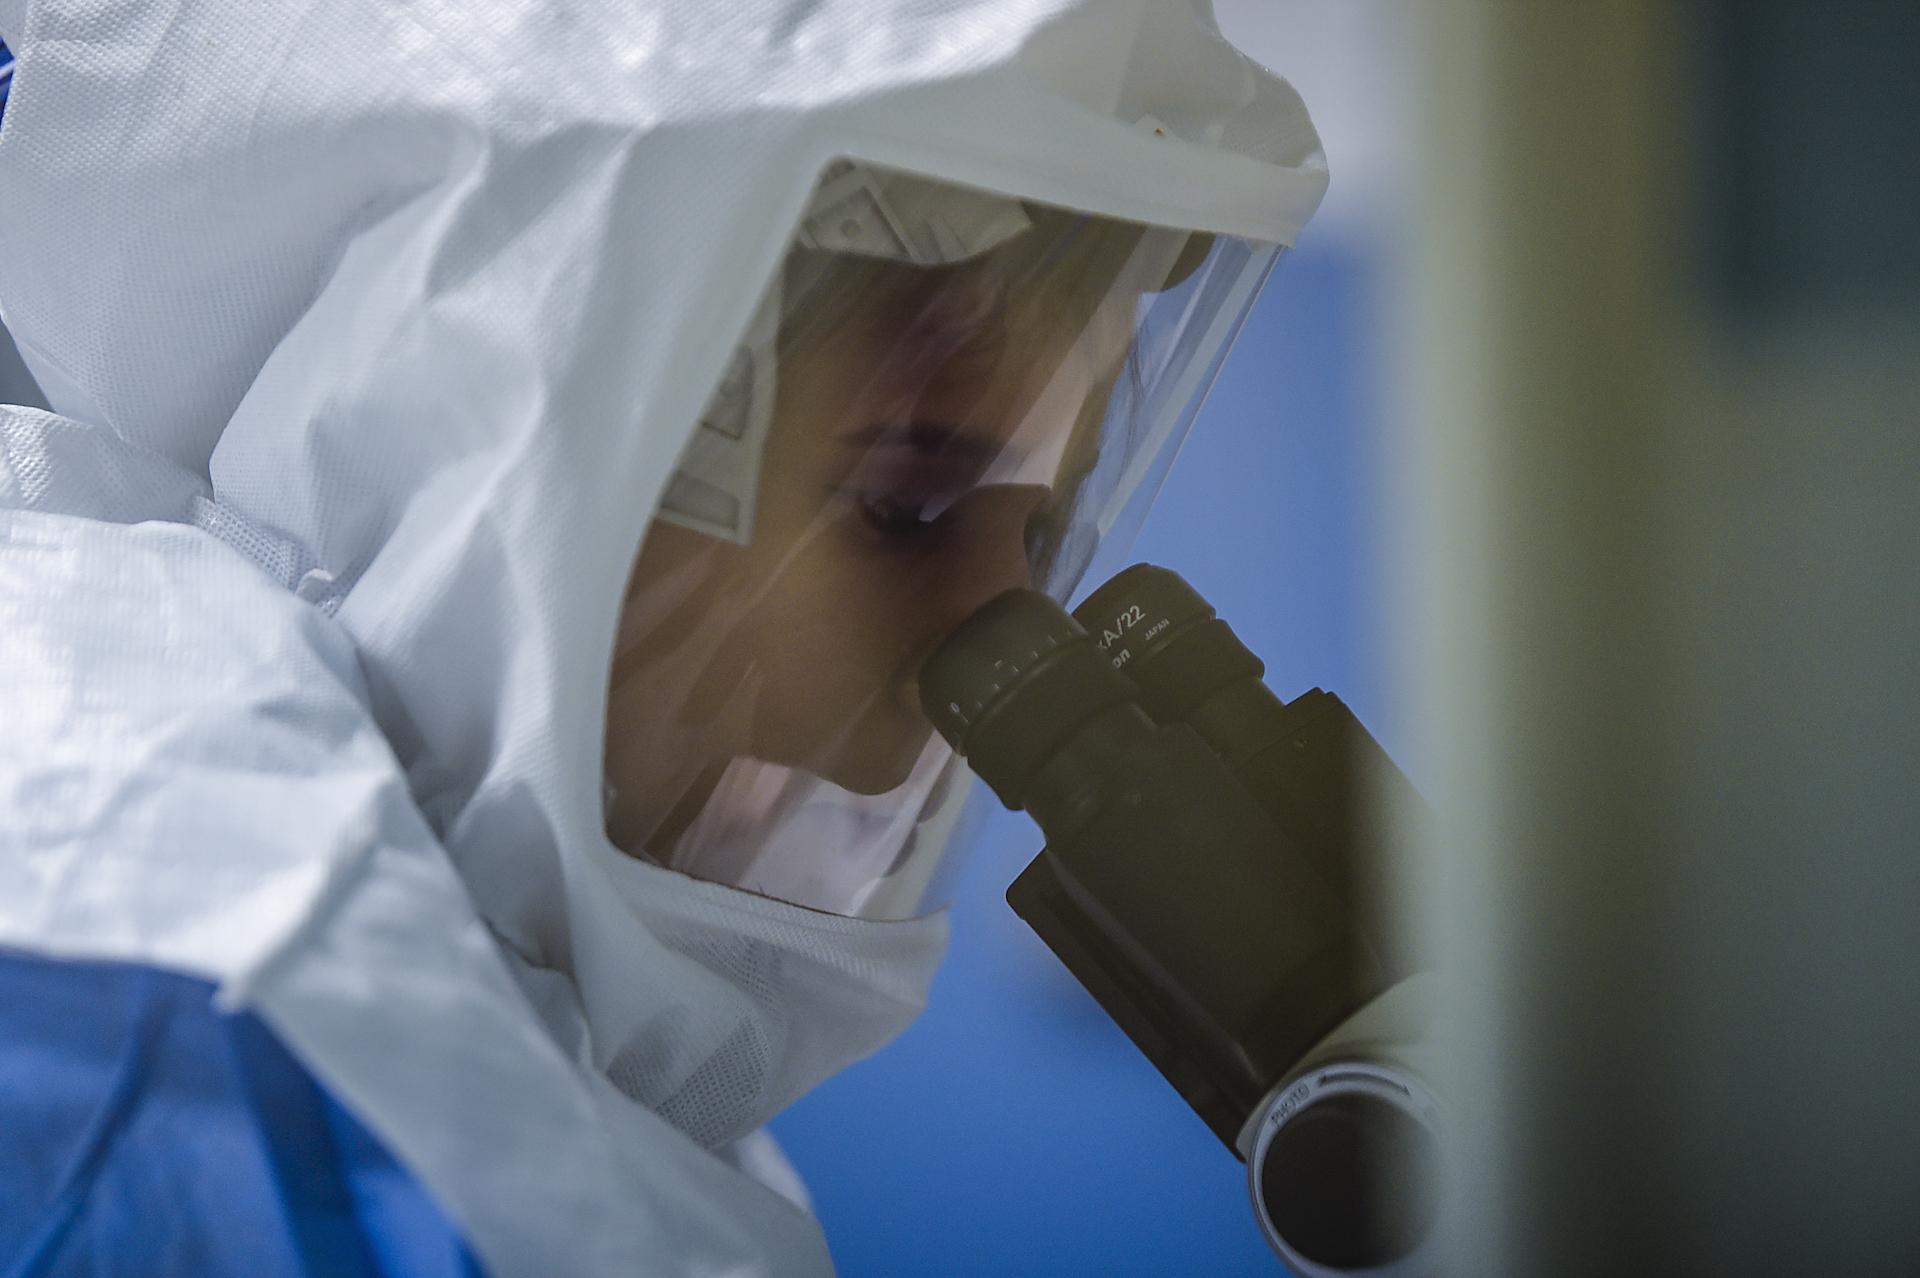 Que sait-on du virus Chapare, proche d'Ebola, qui inquiète les scientifiques ? - CNEWS